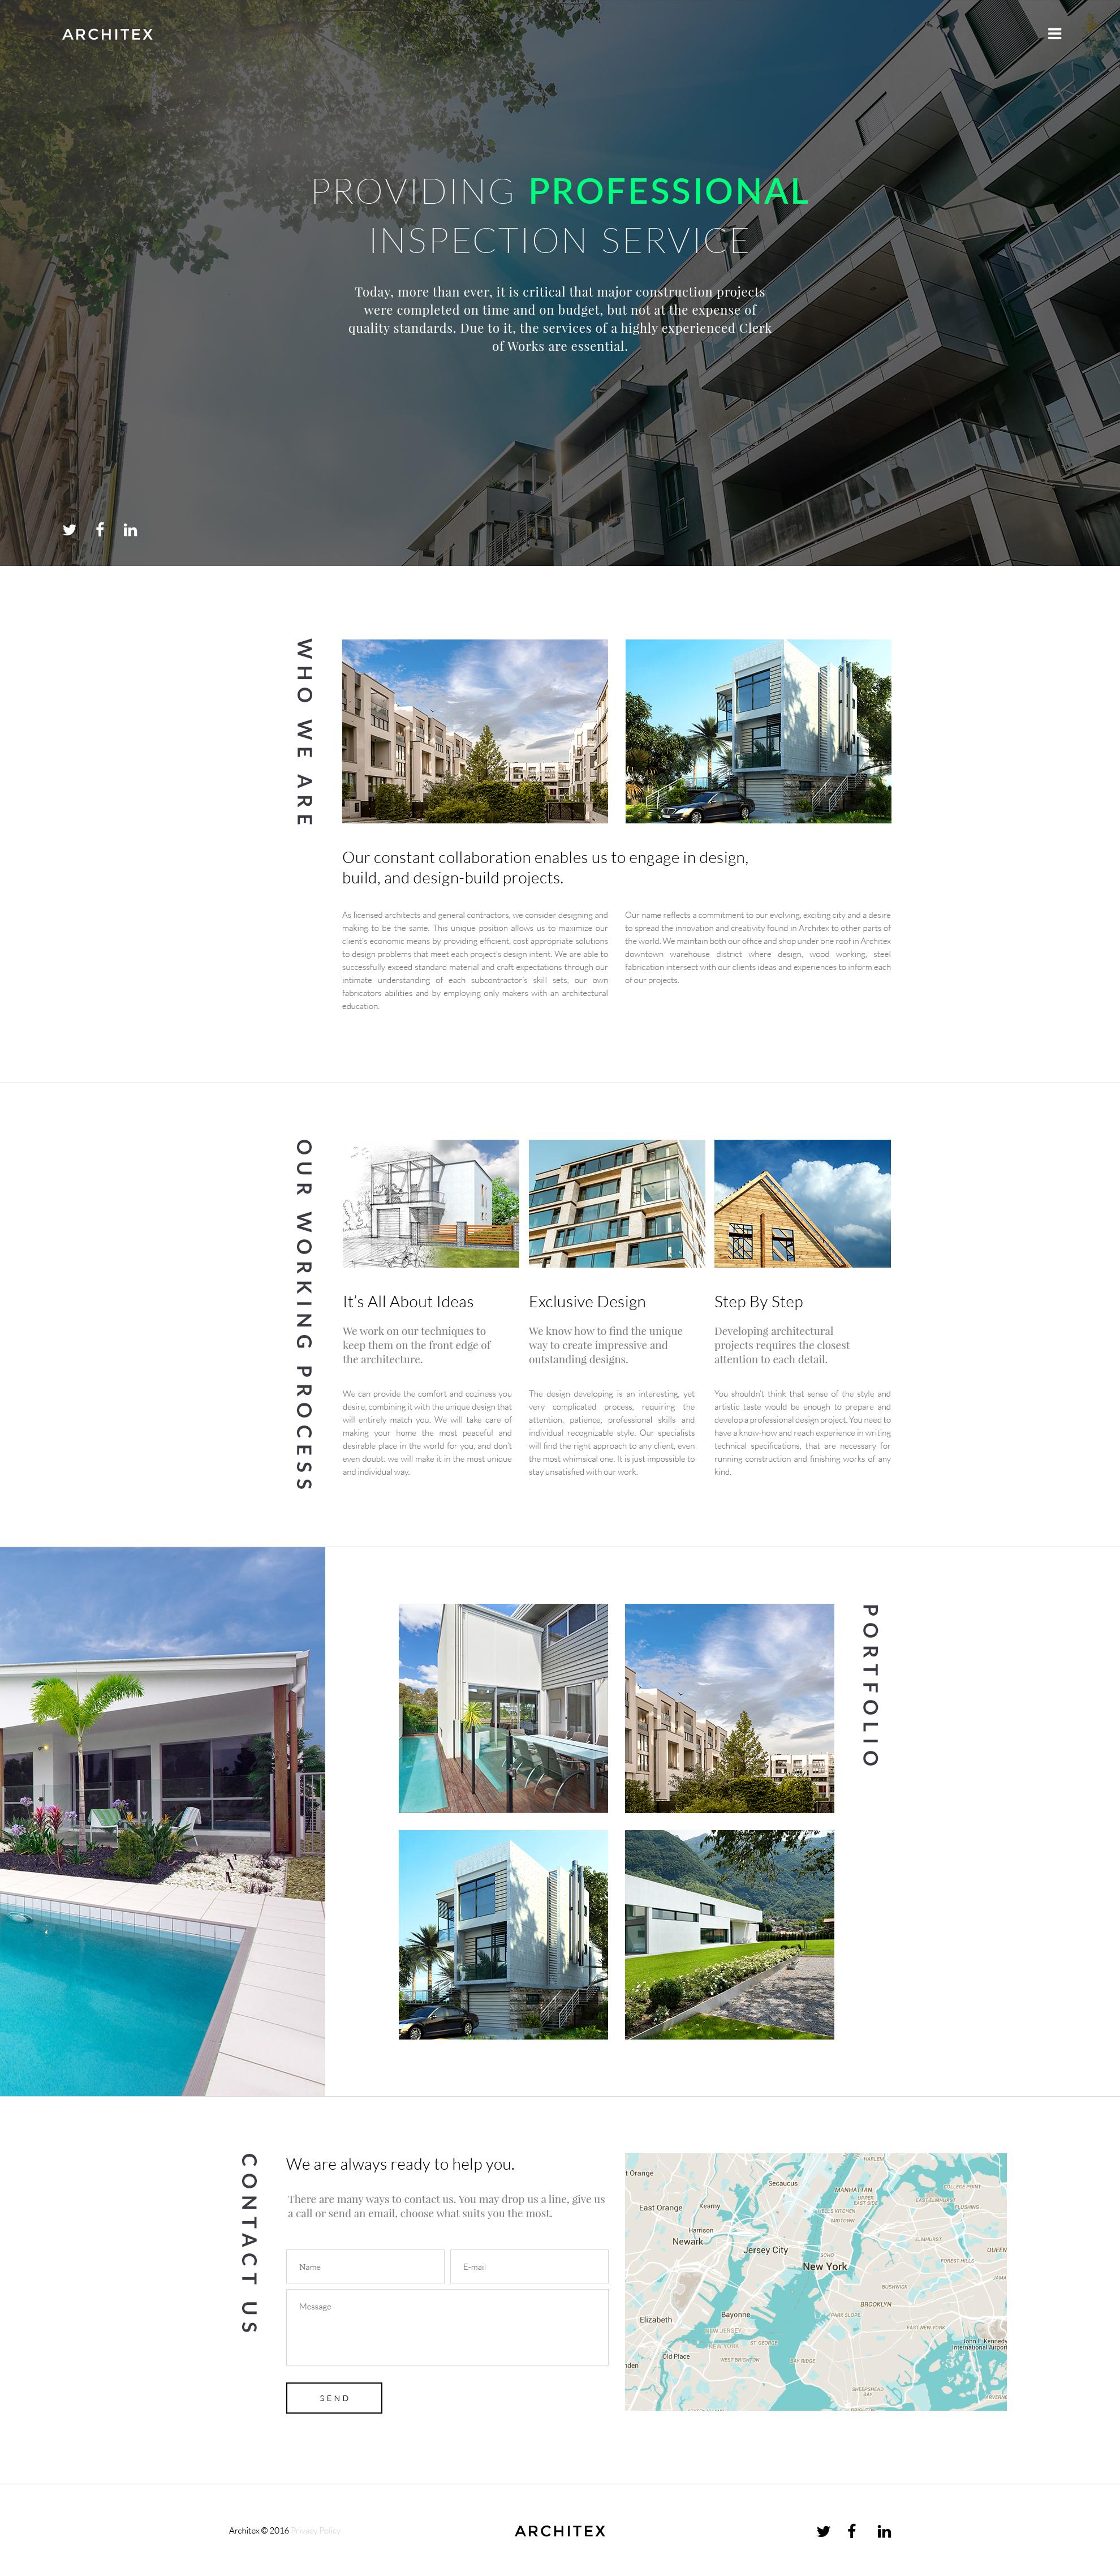 Modèle Web adaptatif pour site d'architecture #58371 - screenshot